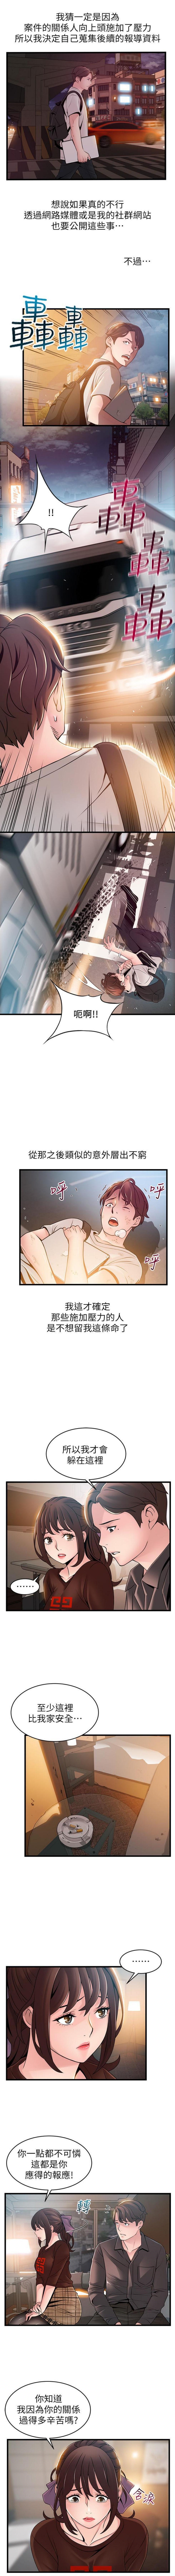 (週7)弱點 1-76 中文翻譯(更新中) 418